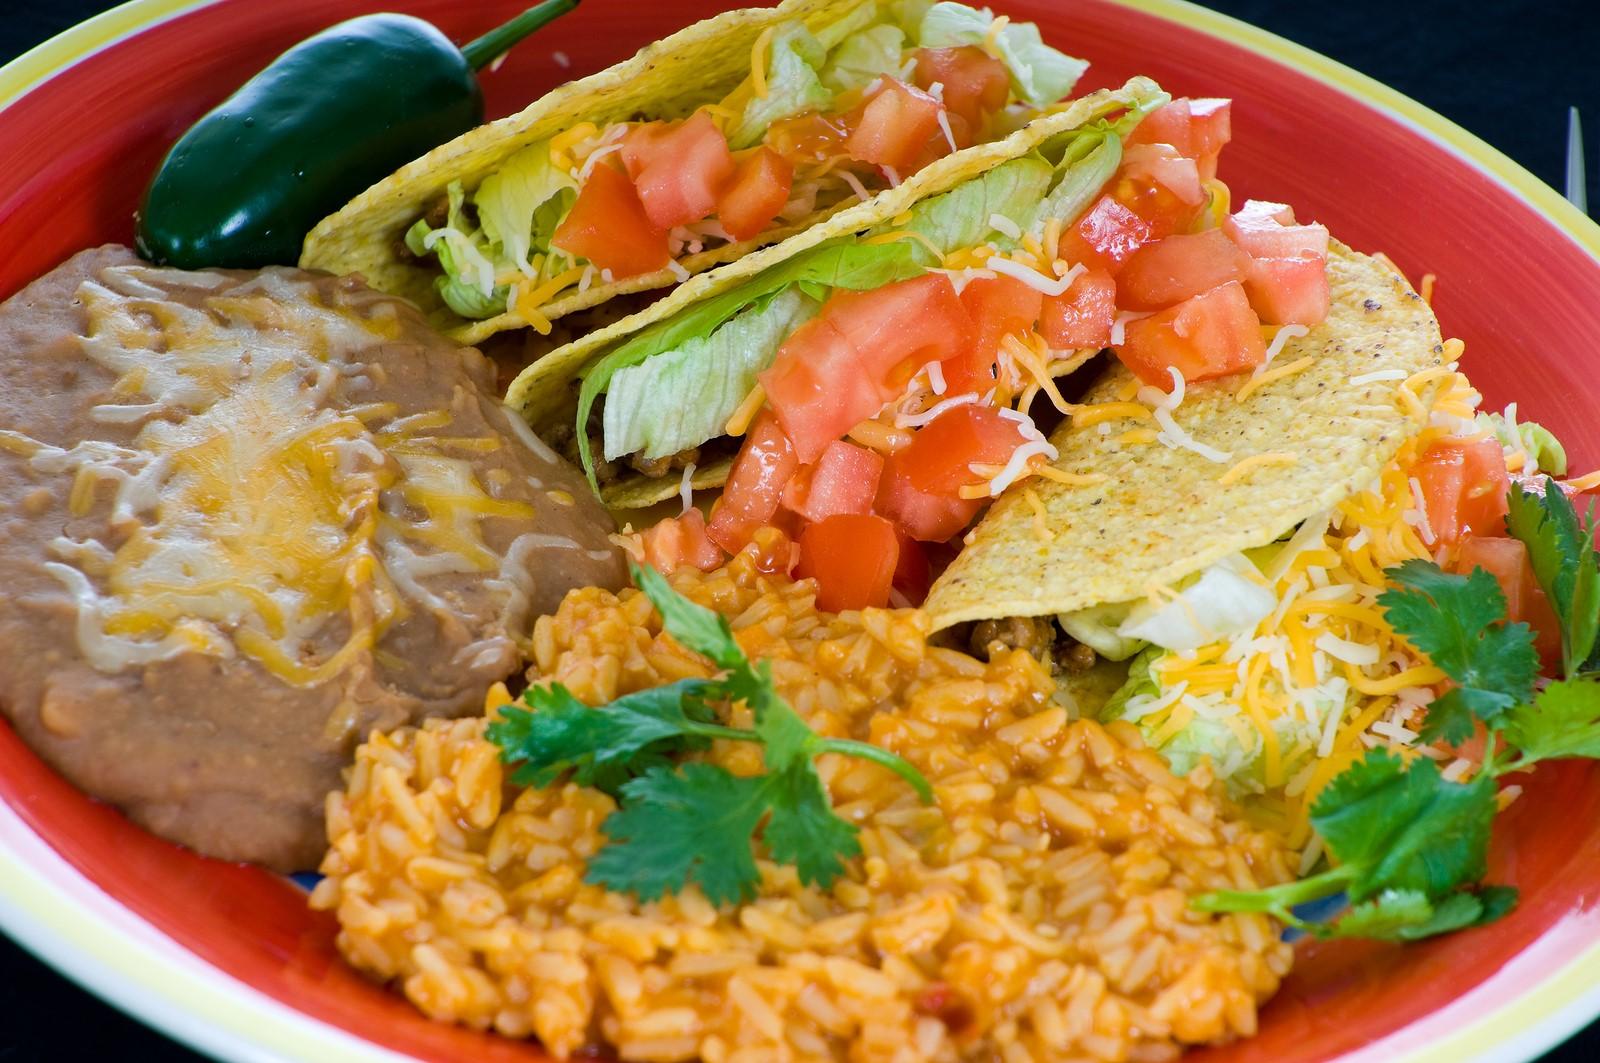 recetas de comida casera mexicana imperdibles mil recetas